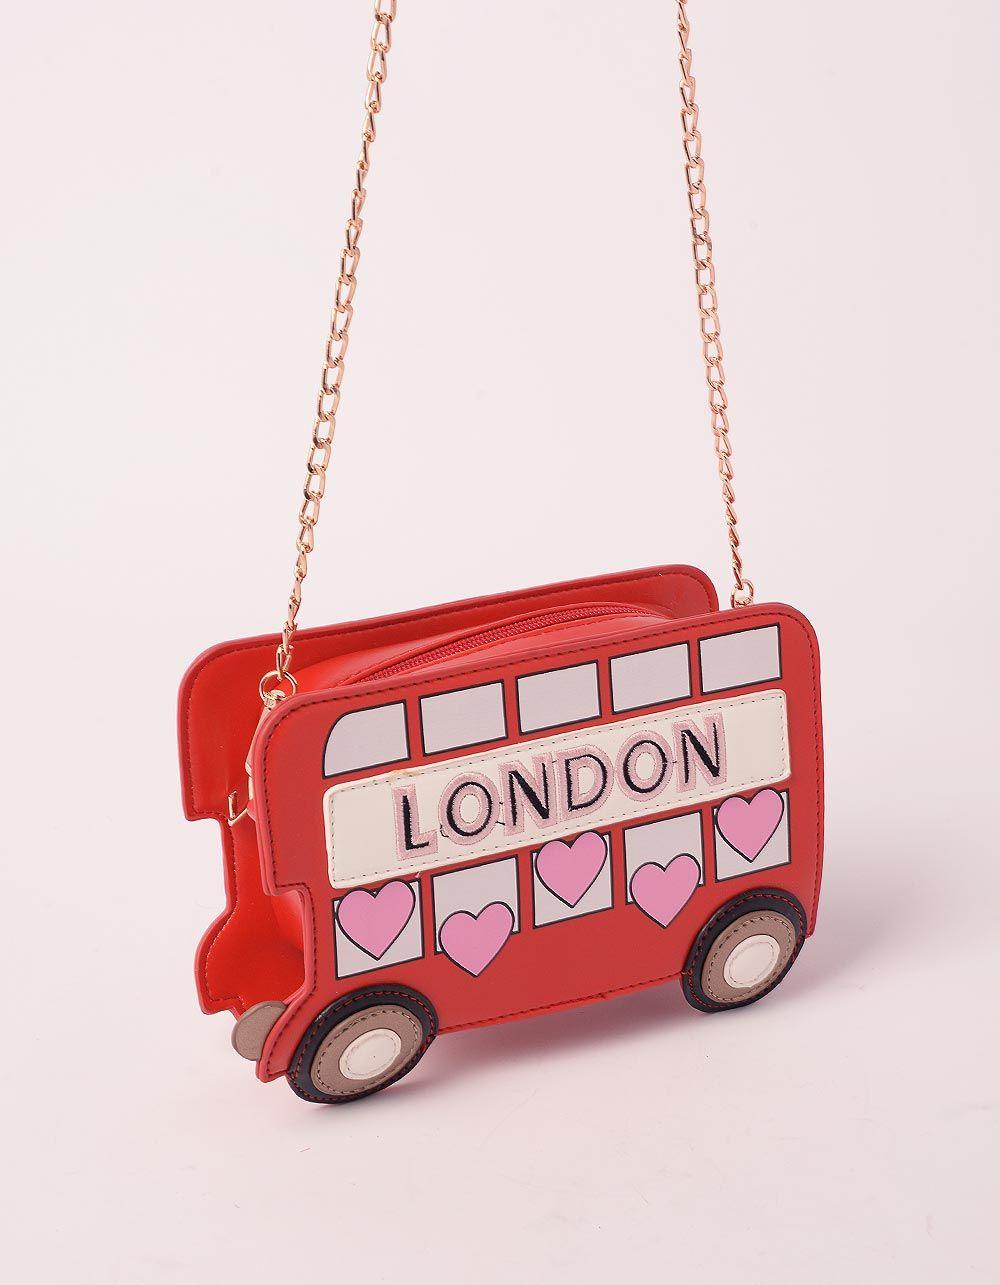 Сумка на ланцюжку у вигляді лондонського автобуса з серцями   239452-15-XX